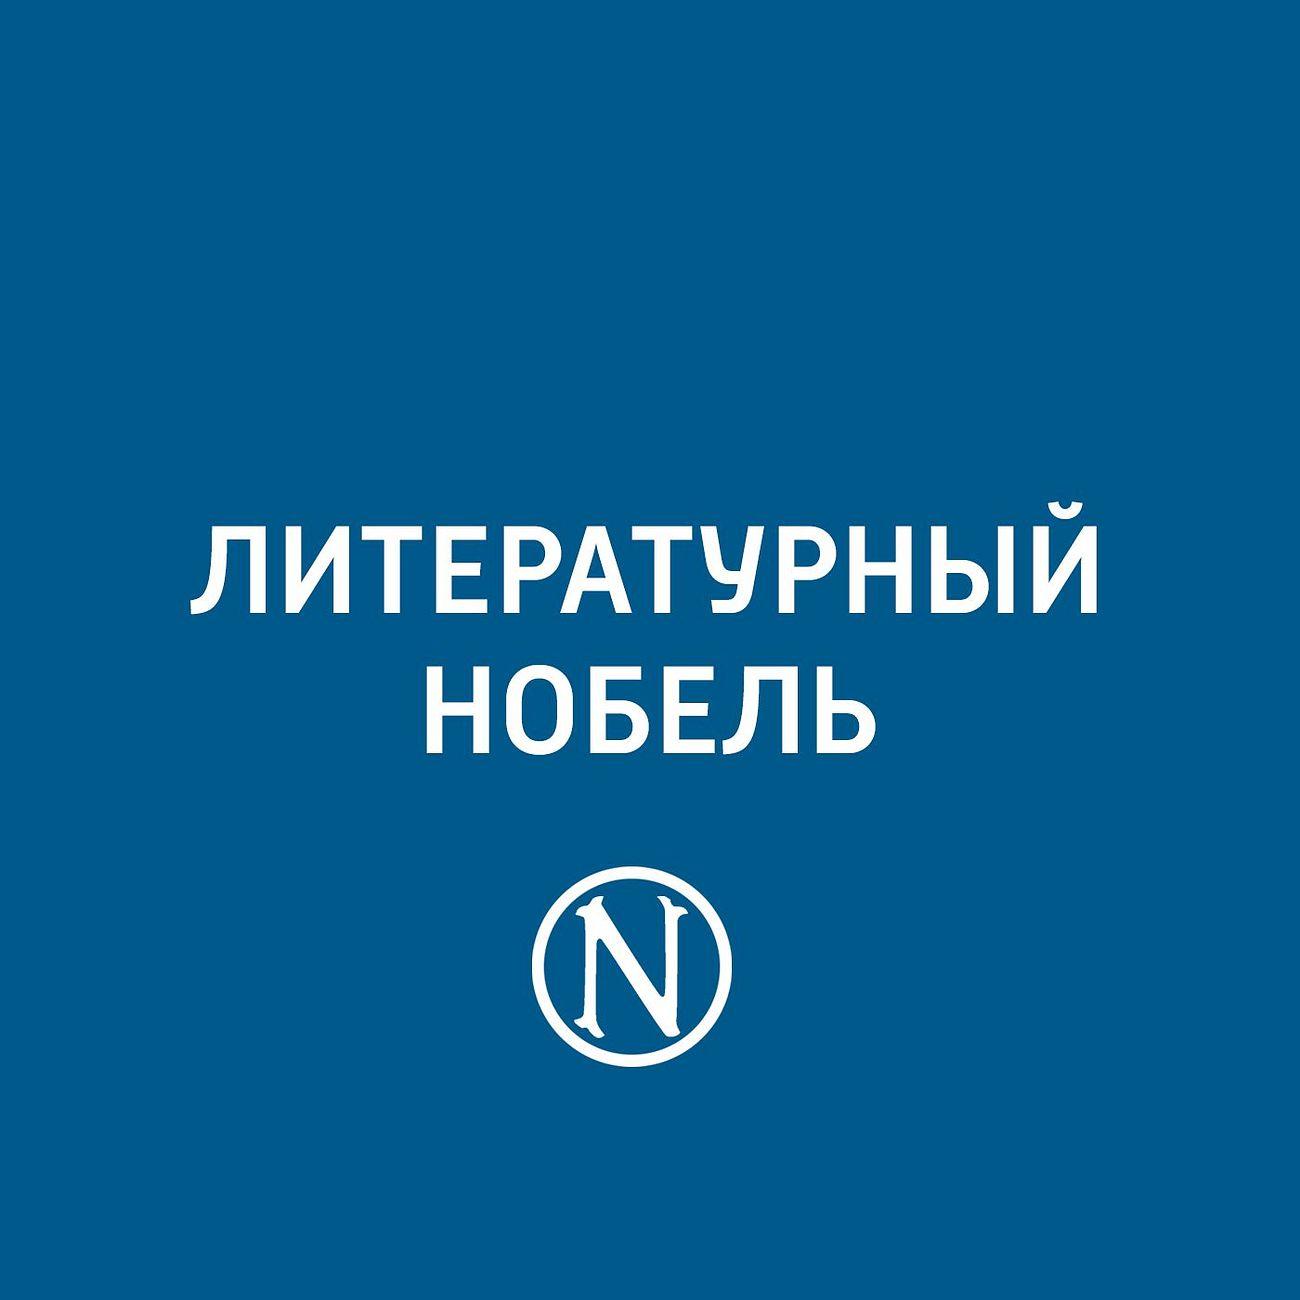 Литературный Нобель